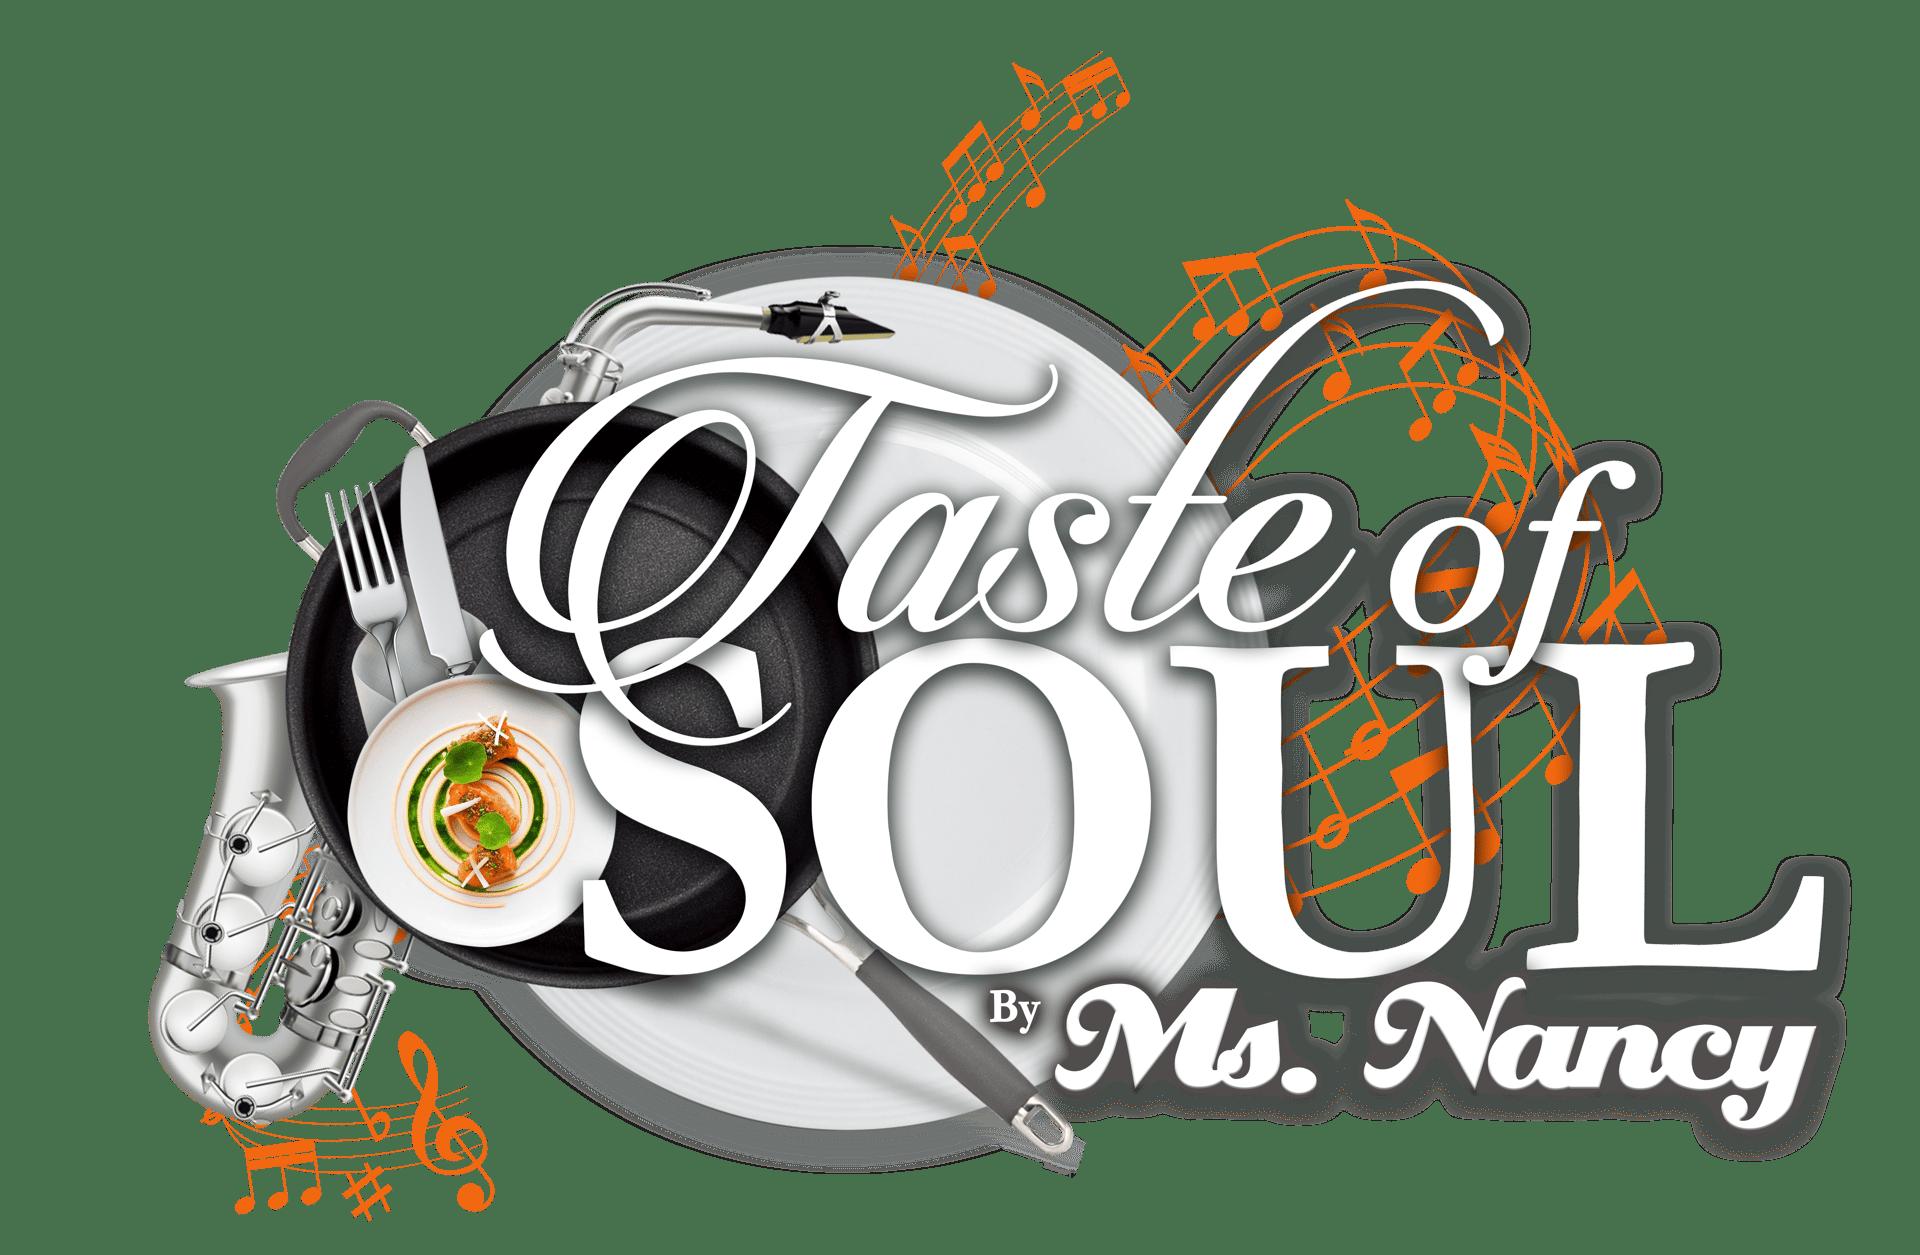 taste of soul logo